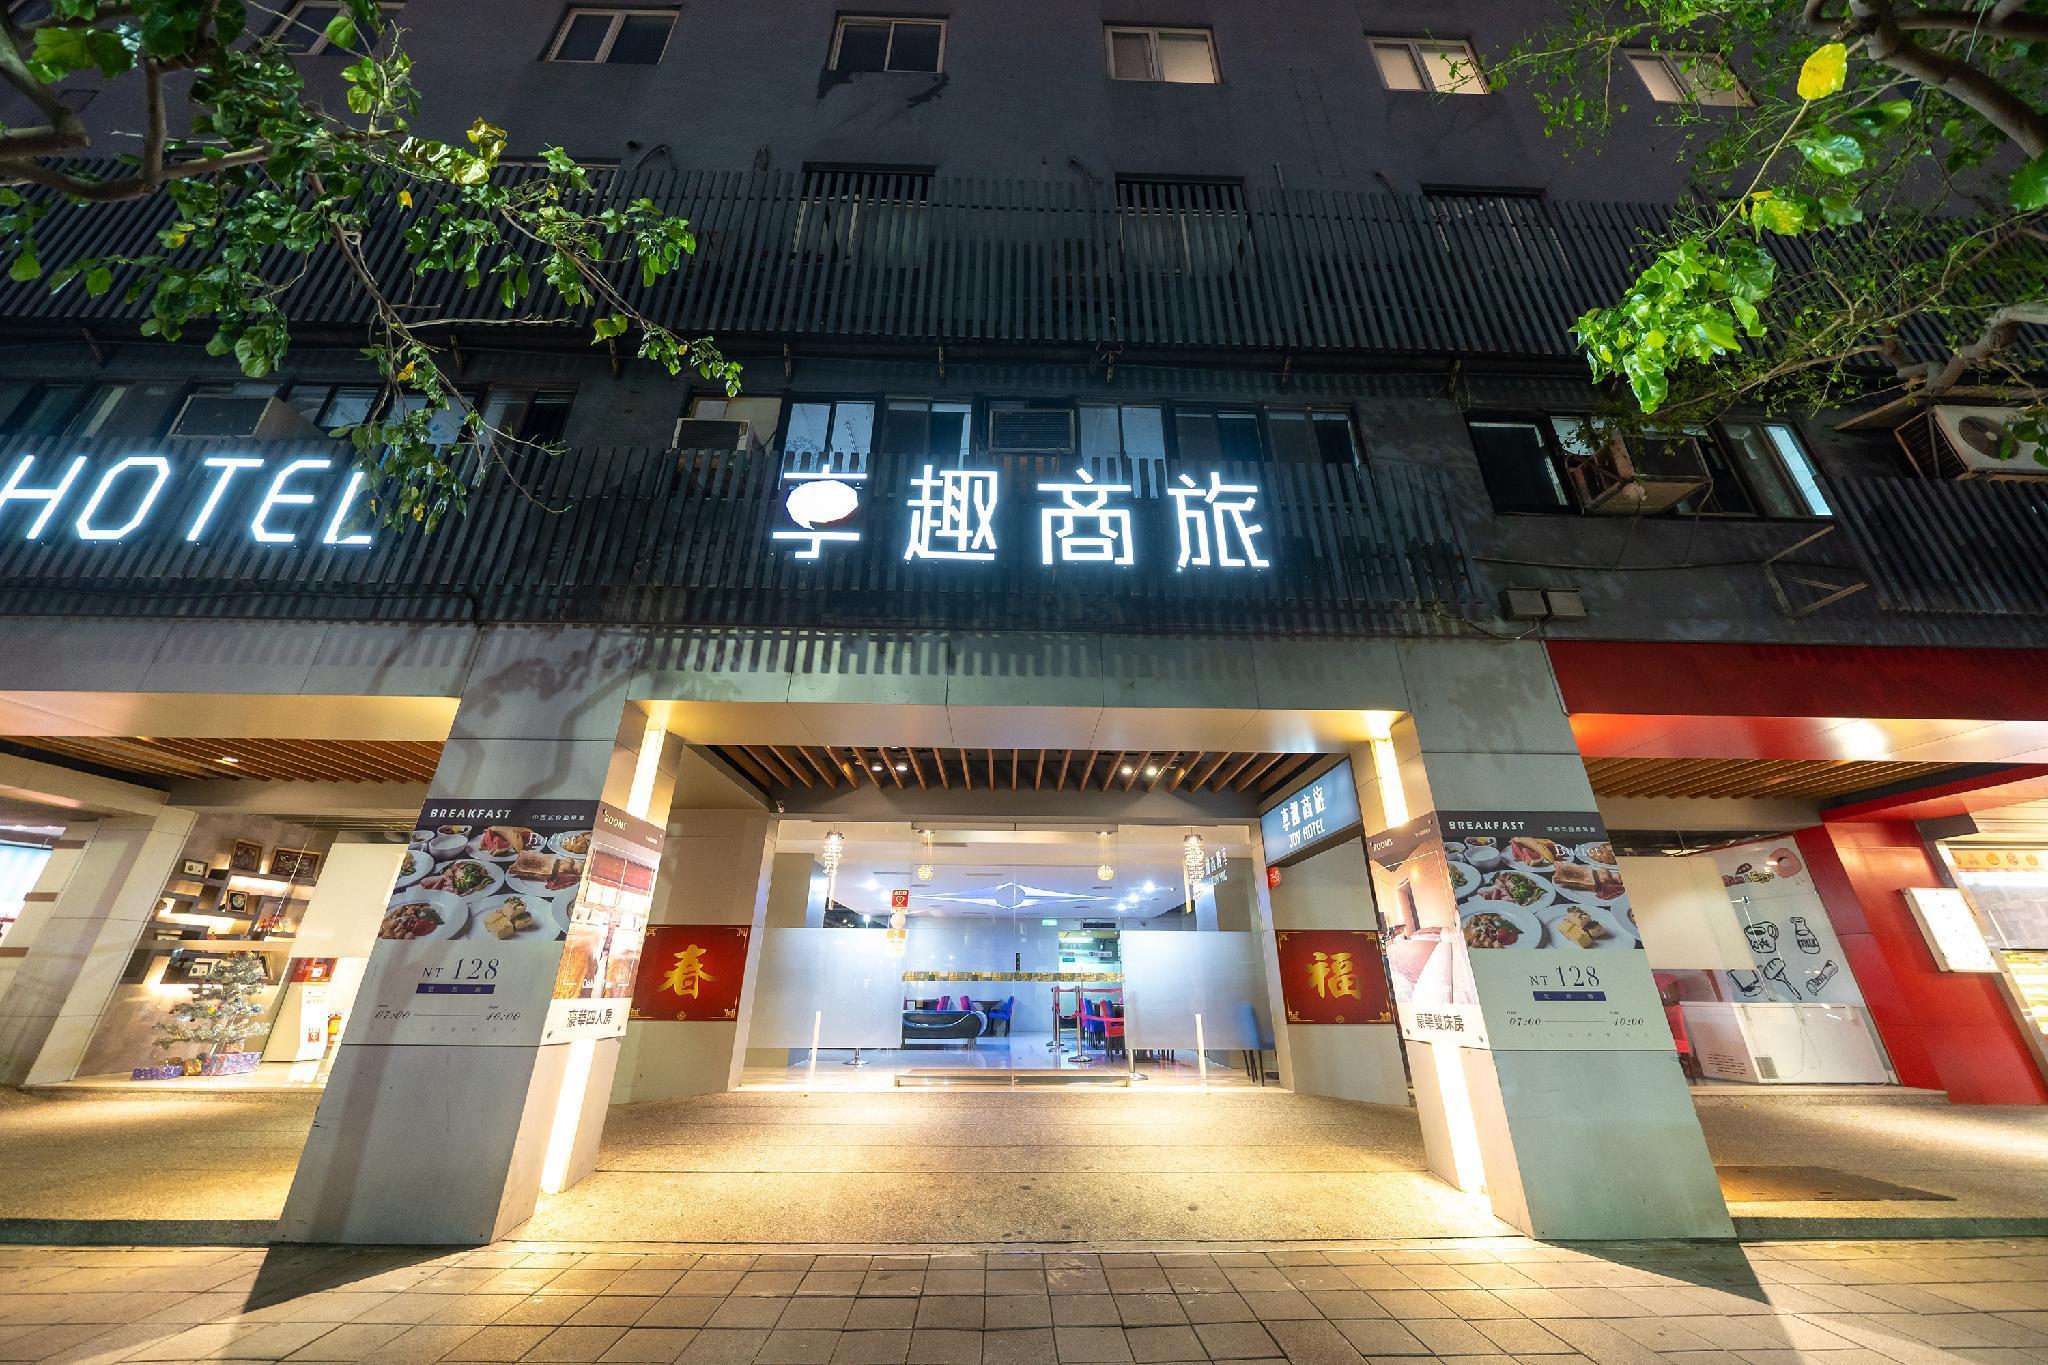 臺北市享趣商旅三重館 (Joy Hotel Sanchong) - Agoda 提供行程前一刻網上即時優惠價格訂房服務